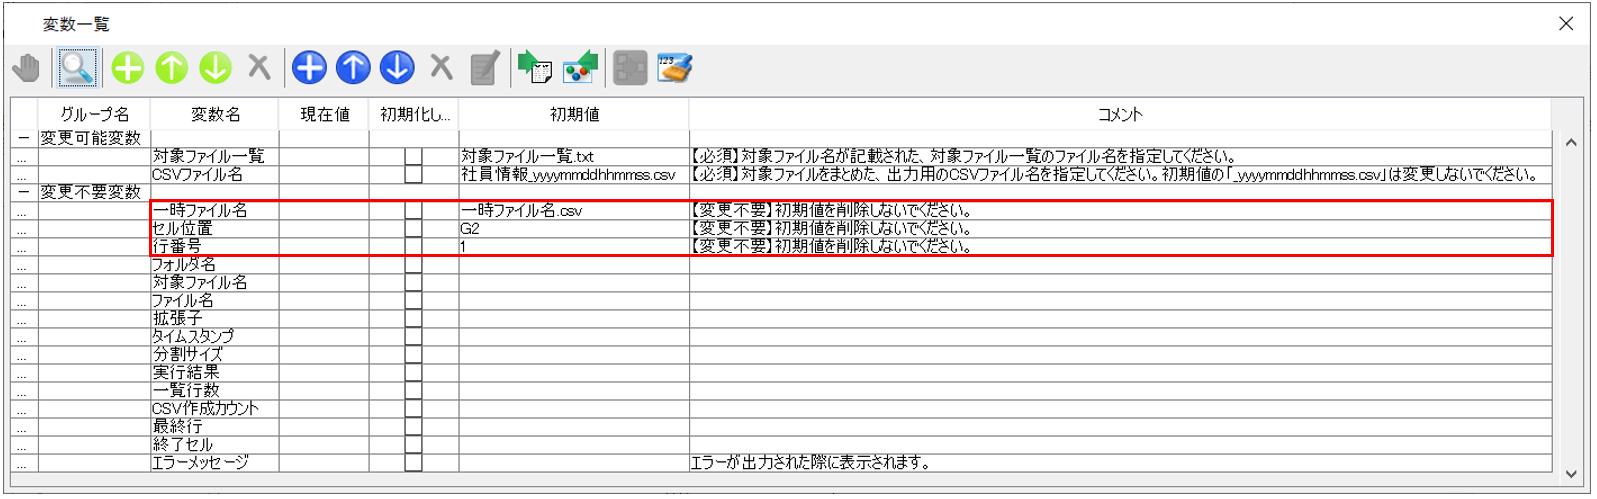 10927_input2.png